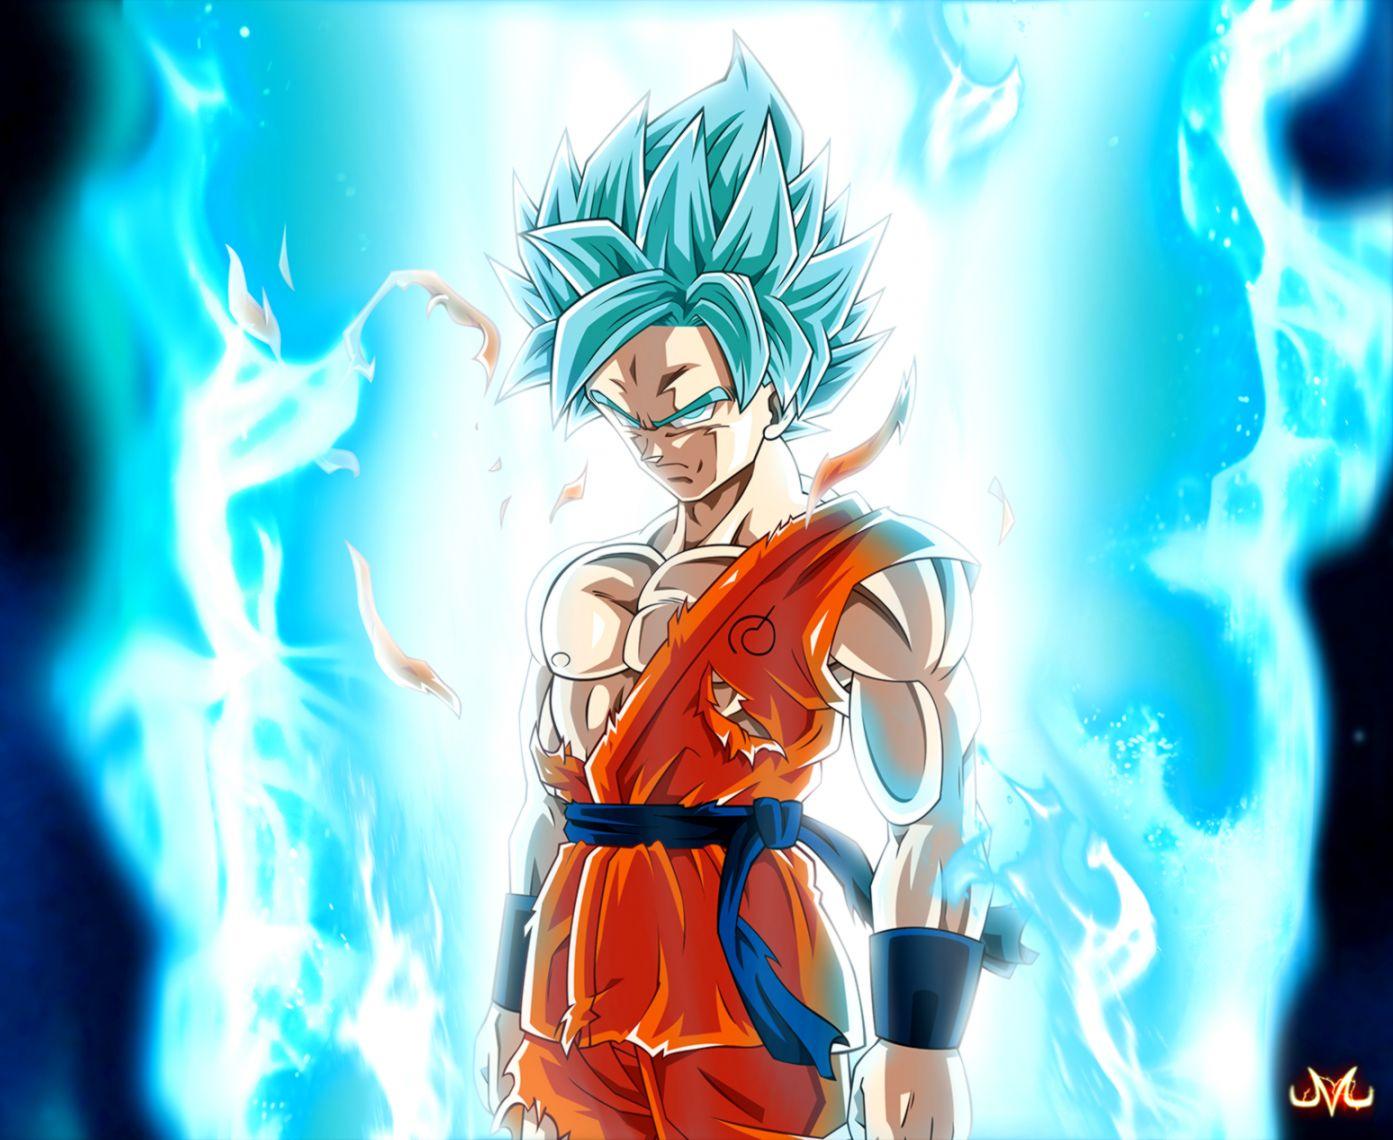 Dragon Ball Z Goku Super Saiyan God Wallpaper List Wallpapers